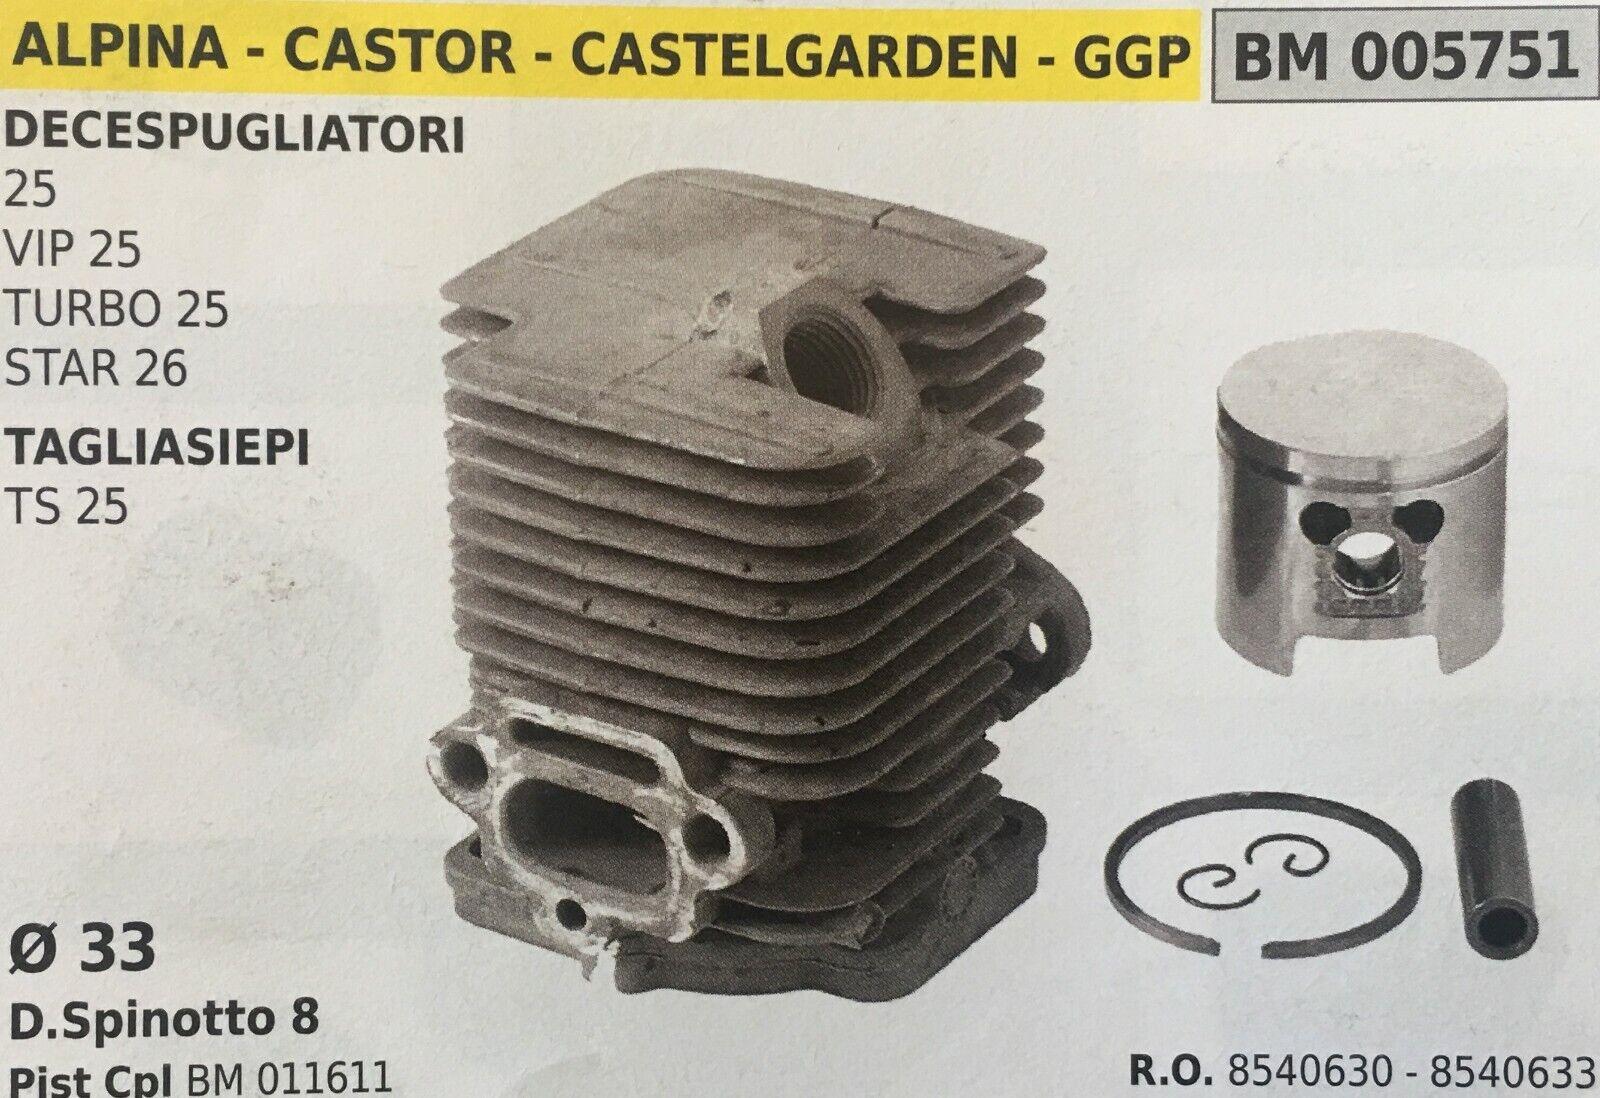 CILINDRO COMPLETO DI PISTONE E SEGMENTI BRUMAR BM005751 ALPINA-CASTOR e altri